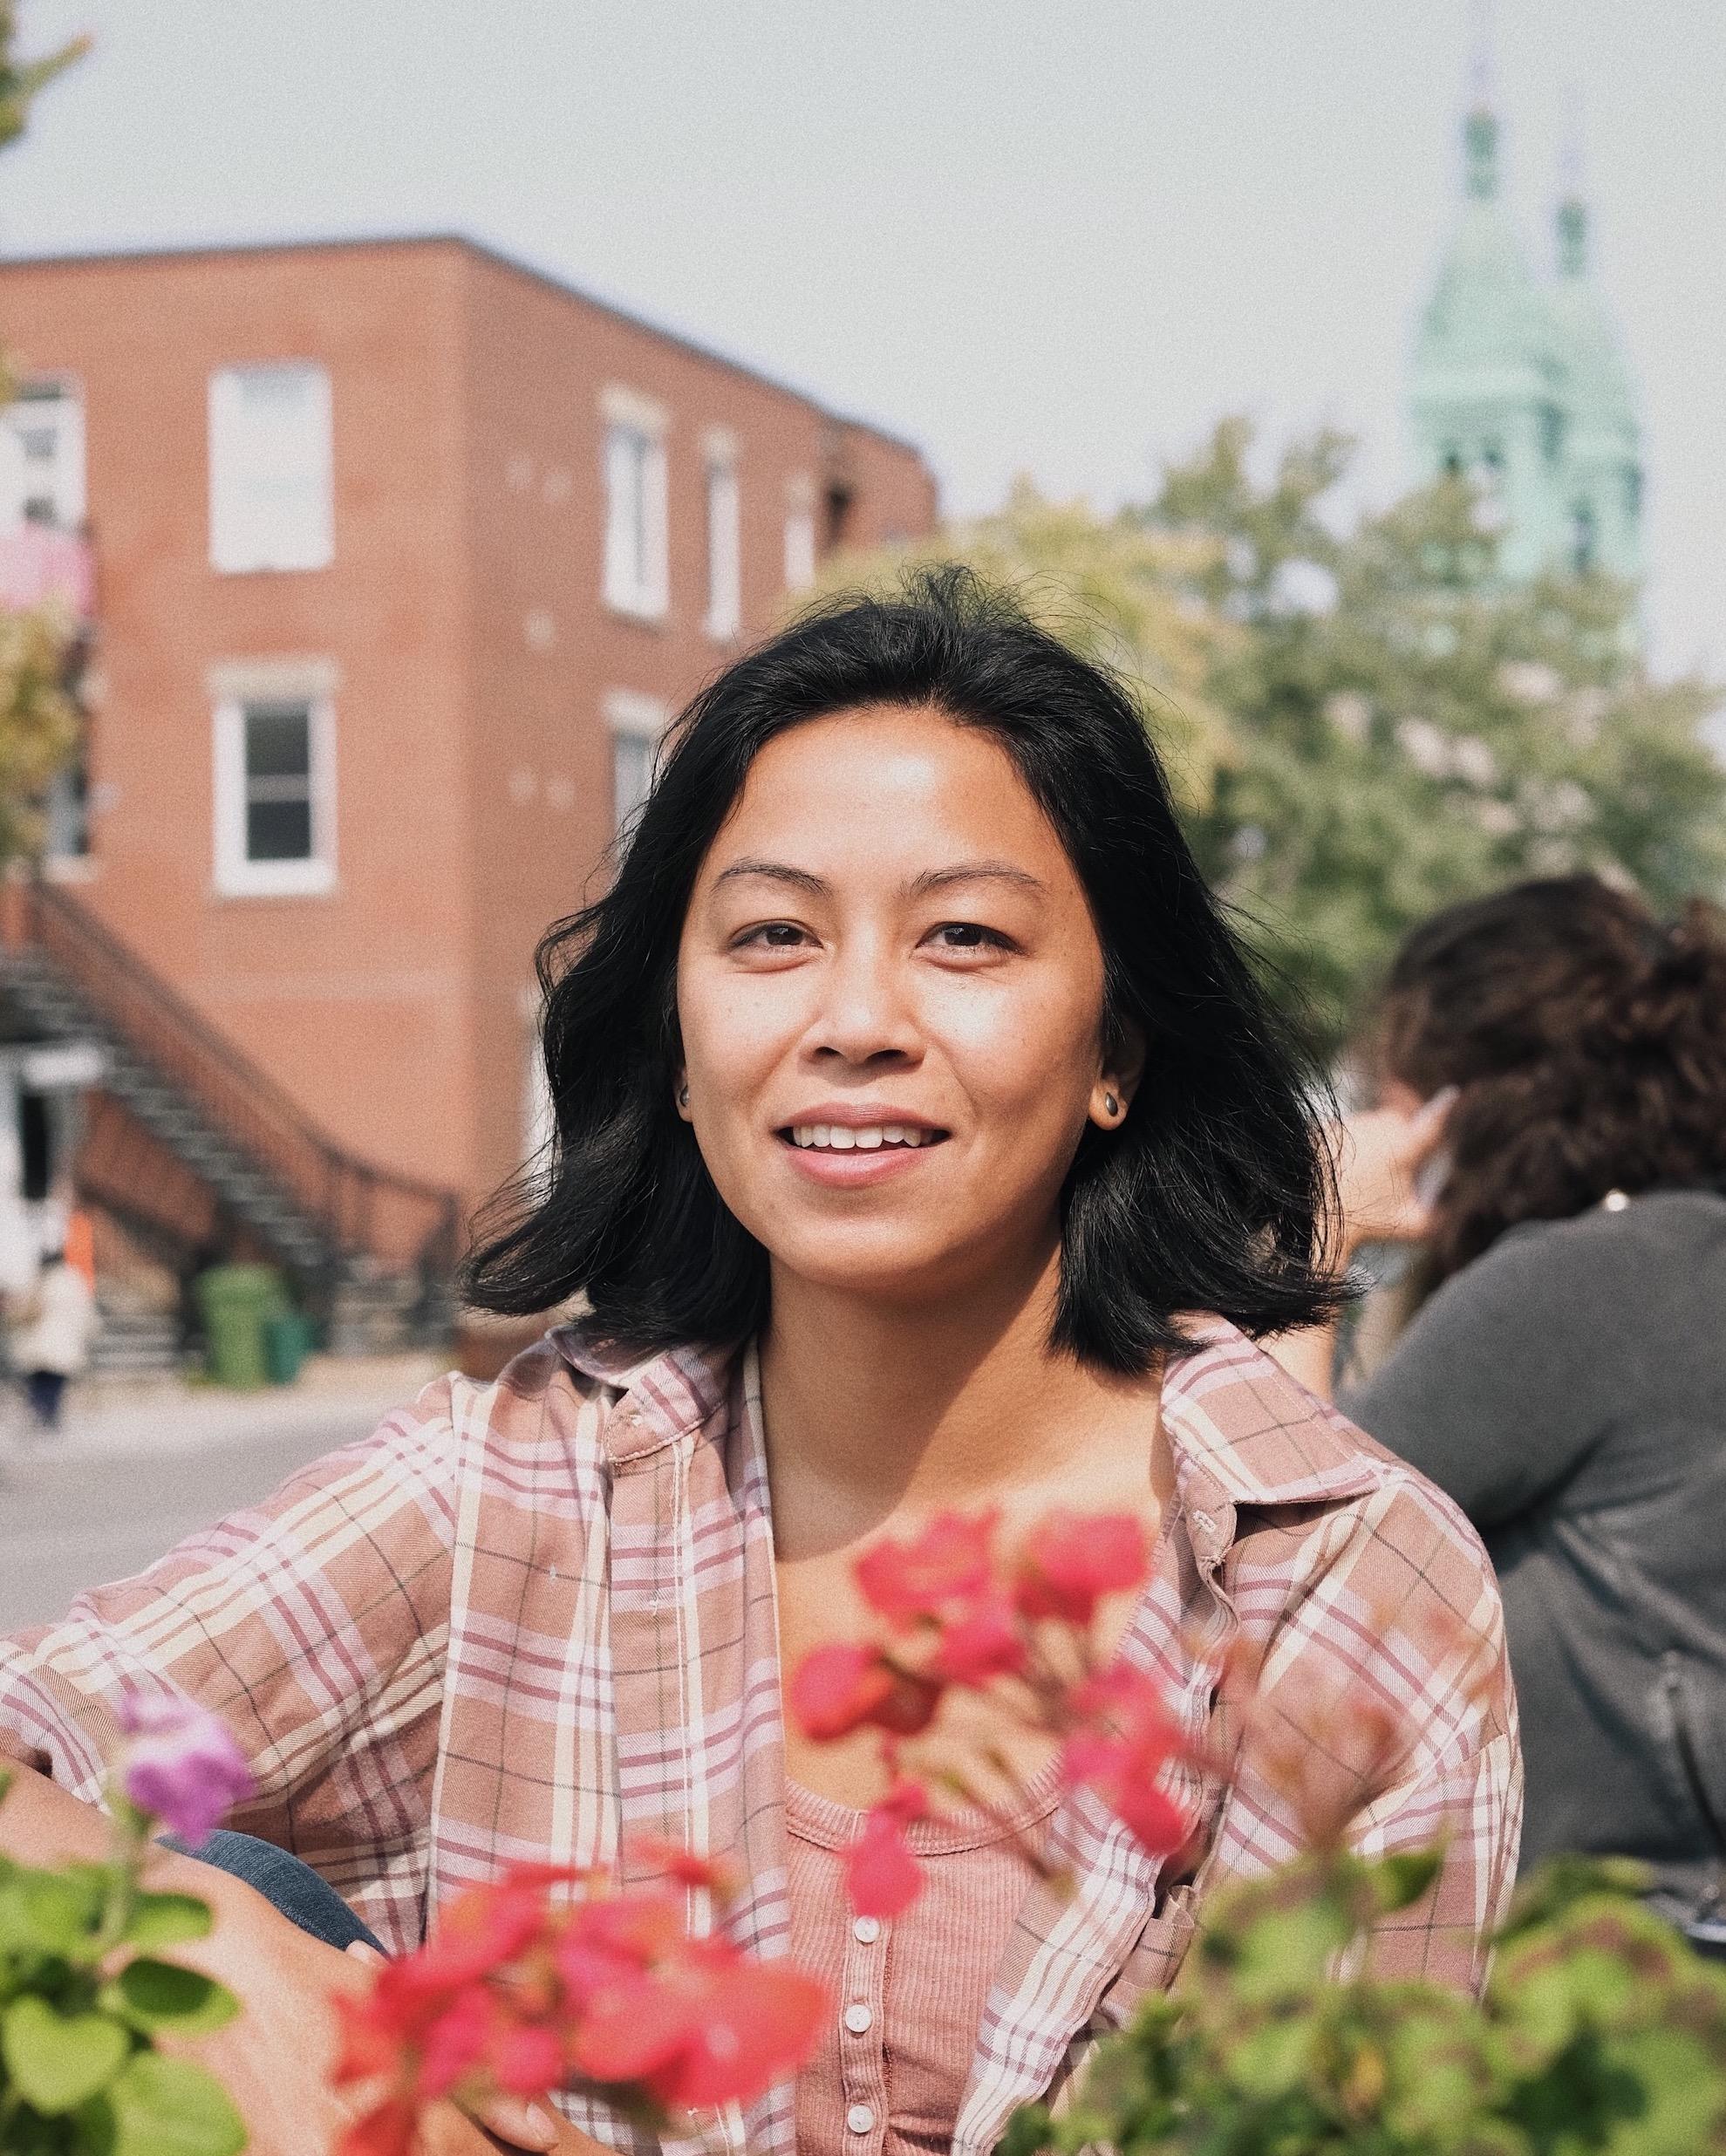 Thumbnail image for Une invitation aux asiatiques a prendre la vie doucement